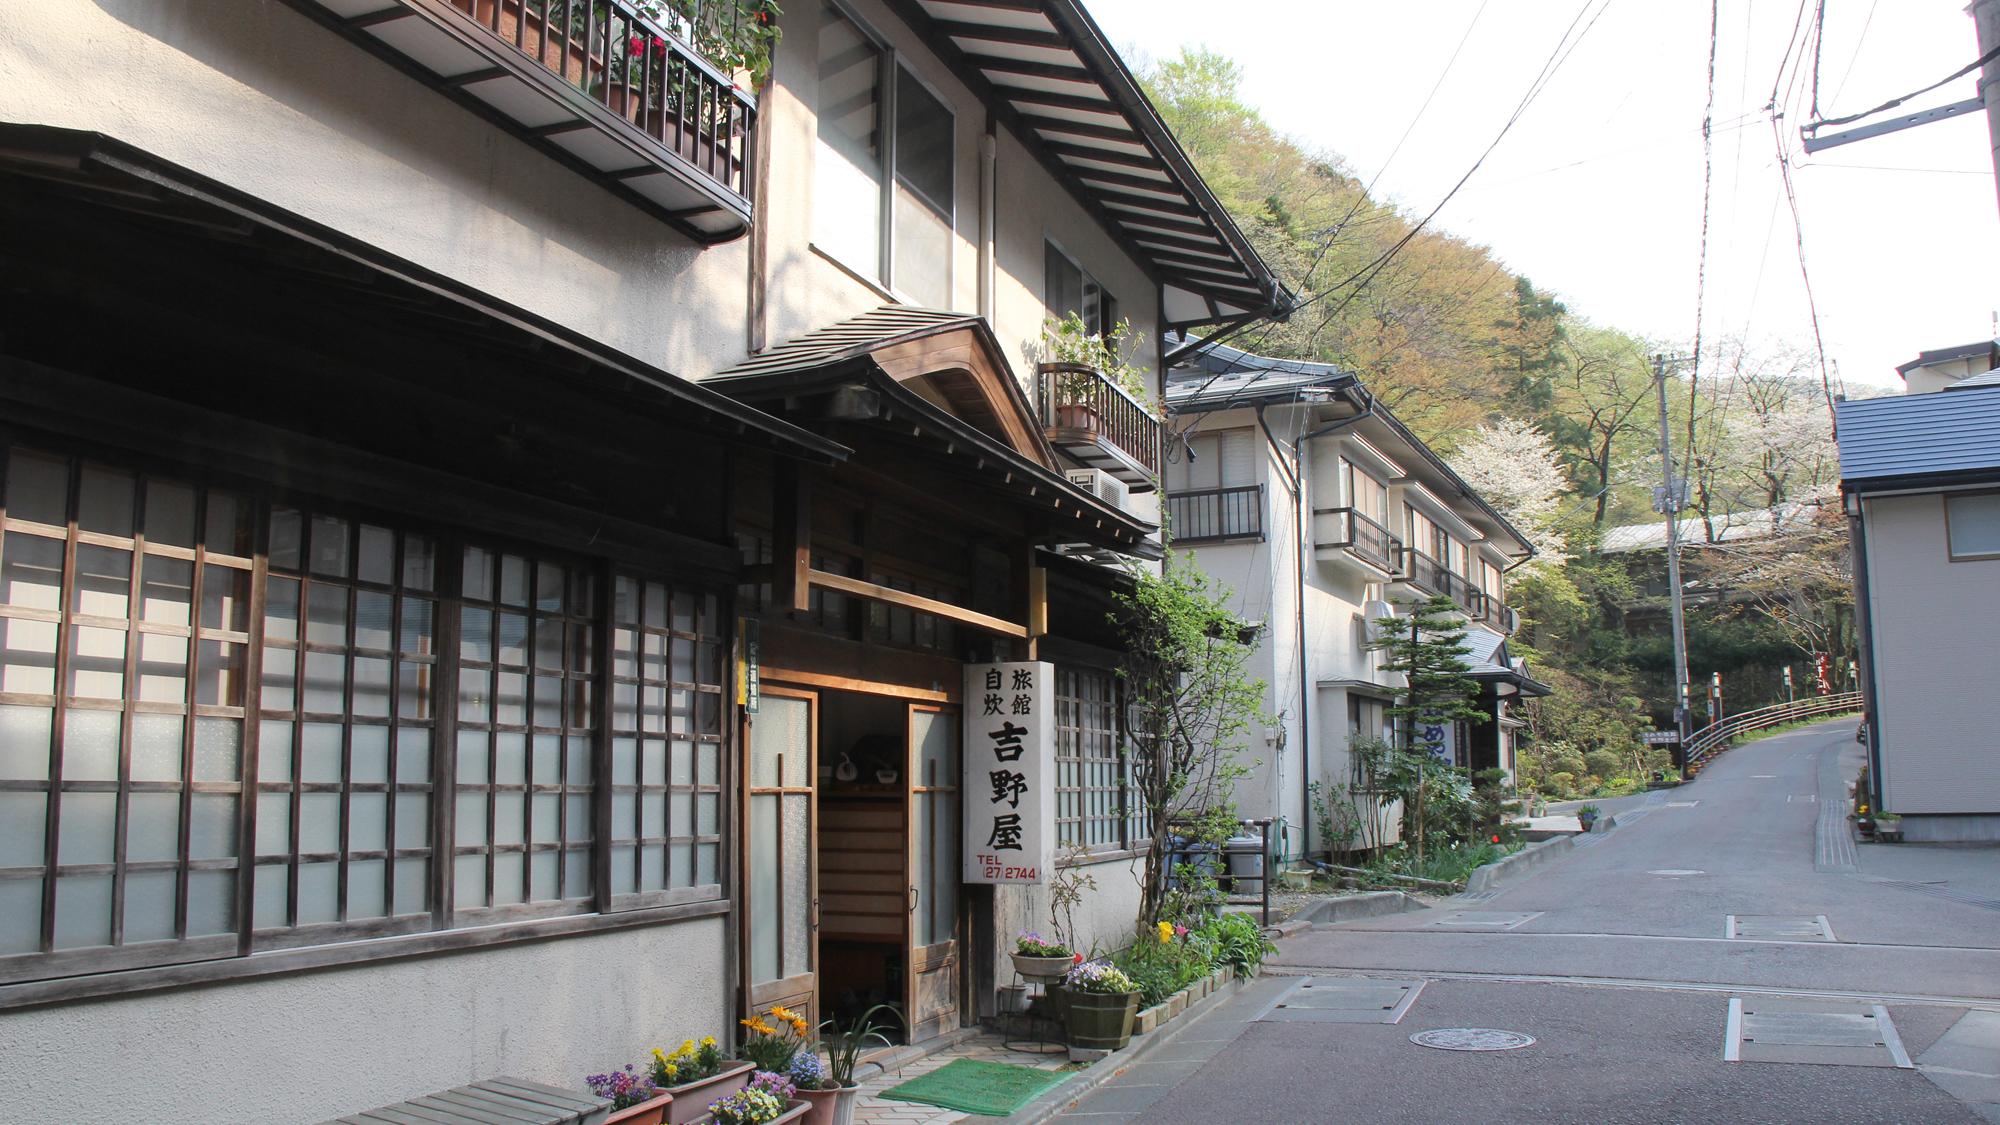 花巻・台温泉 心の湯宿 吉野屋旅館の施設画像